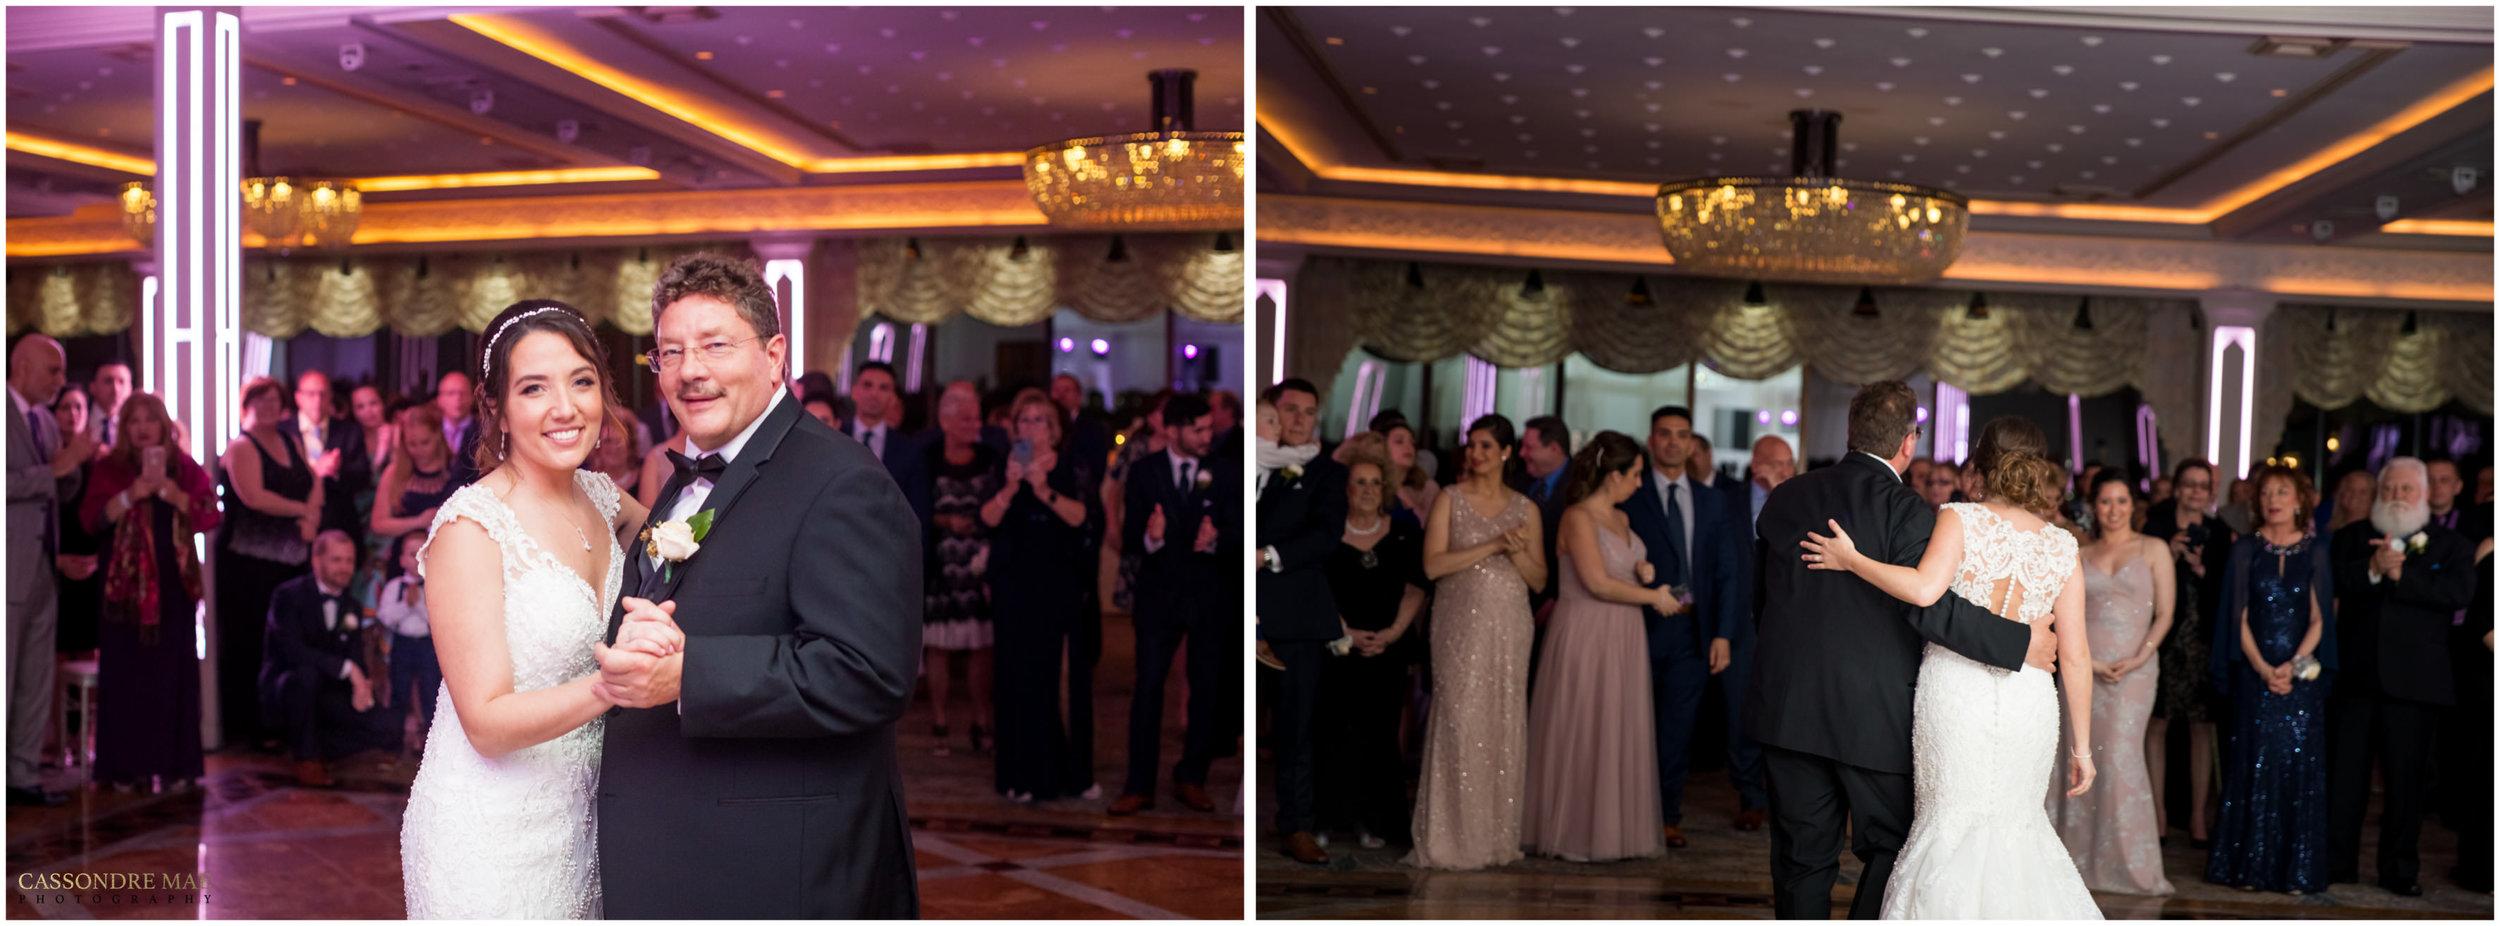 Cassondre Mae Photography Marina Del Ray Weddings 3.jpg